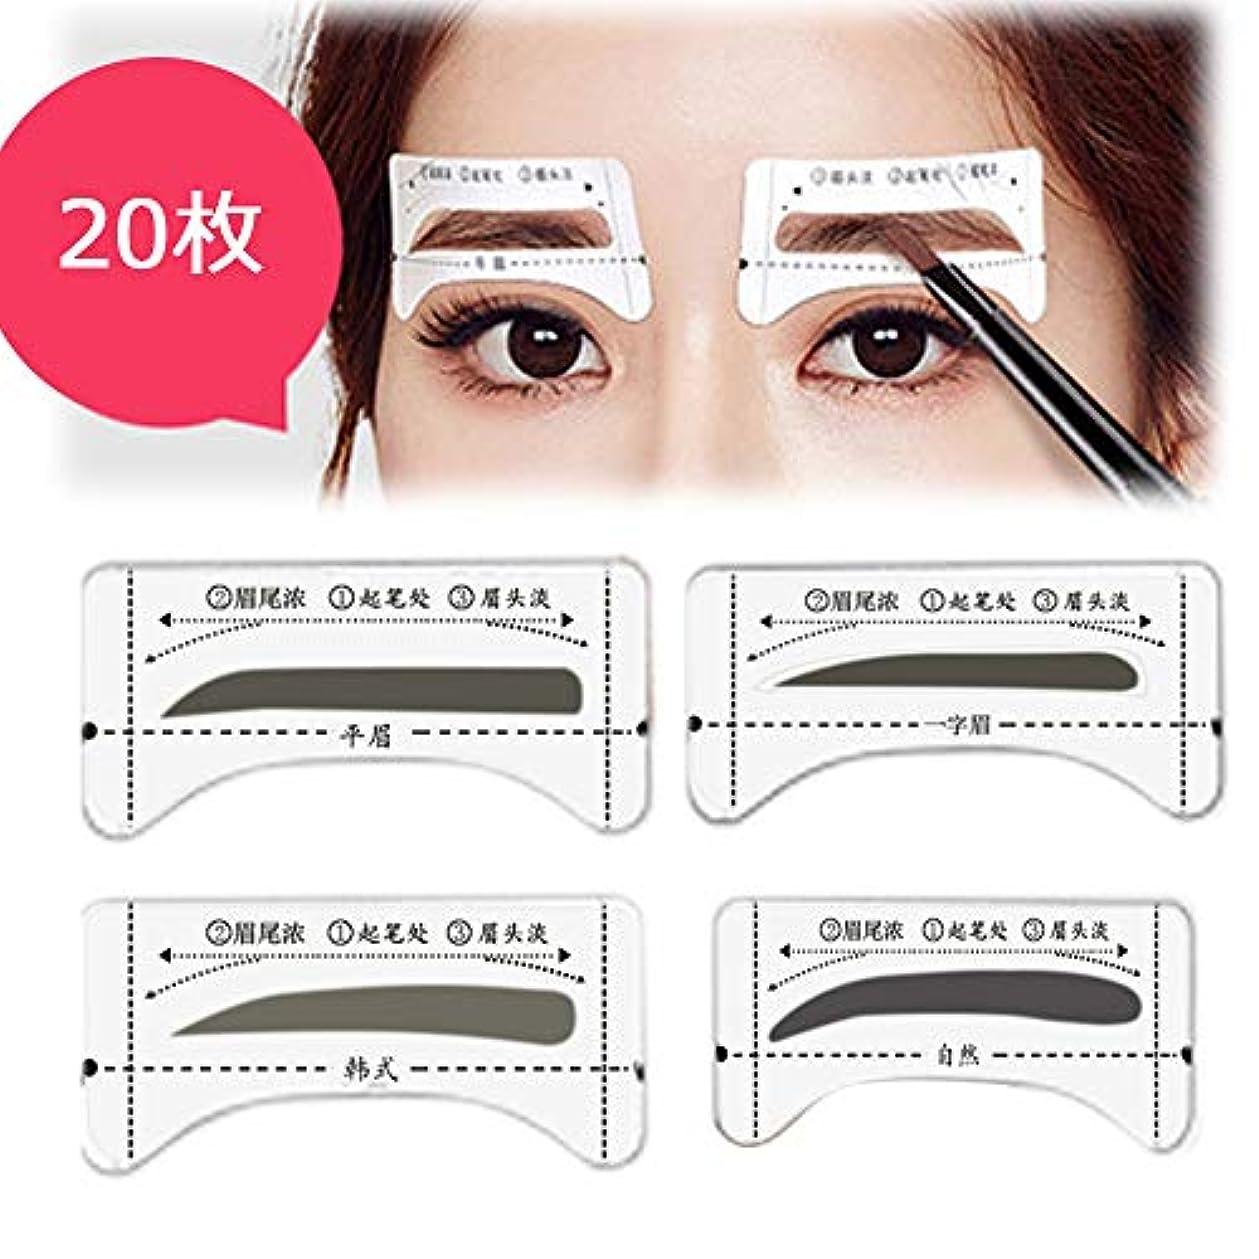 中級アッパー粘着性眉テンプレート 眉毛 4種20枚(韓国風、一言眉、自然、平らな眉毛)片手使用する